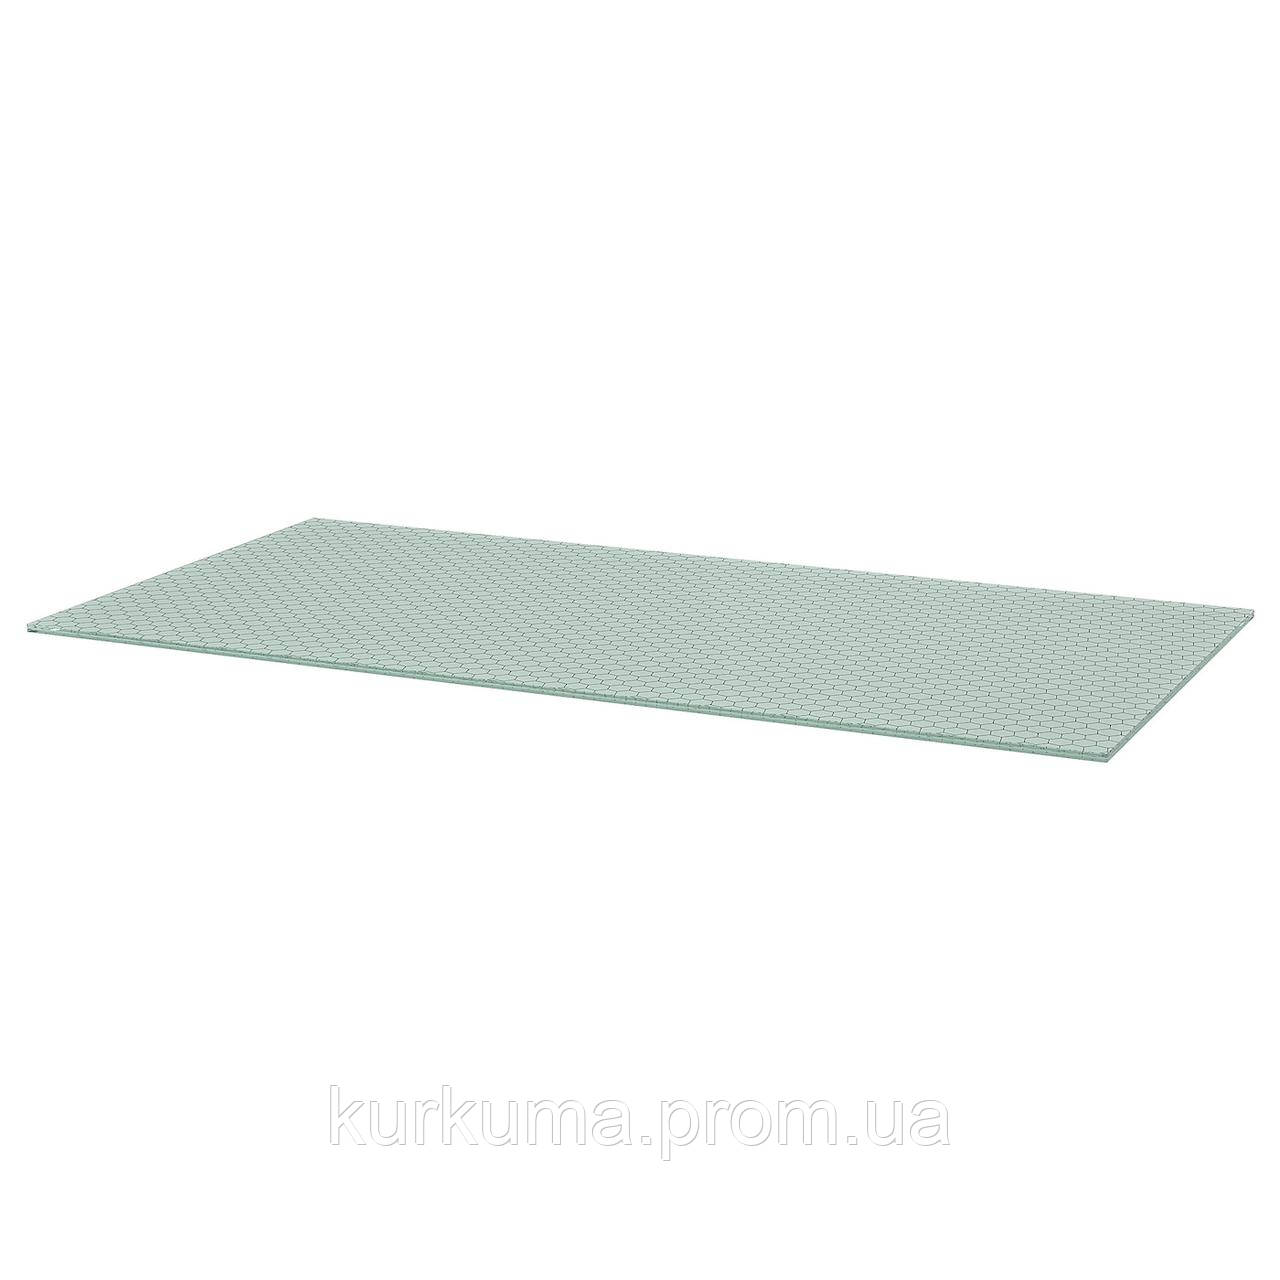 IKEA GLASHOLM Столешница, стекло, сотовый узор, 148x73 см (303.537.45)